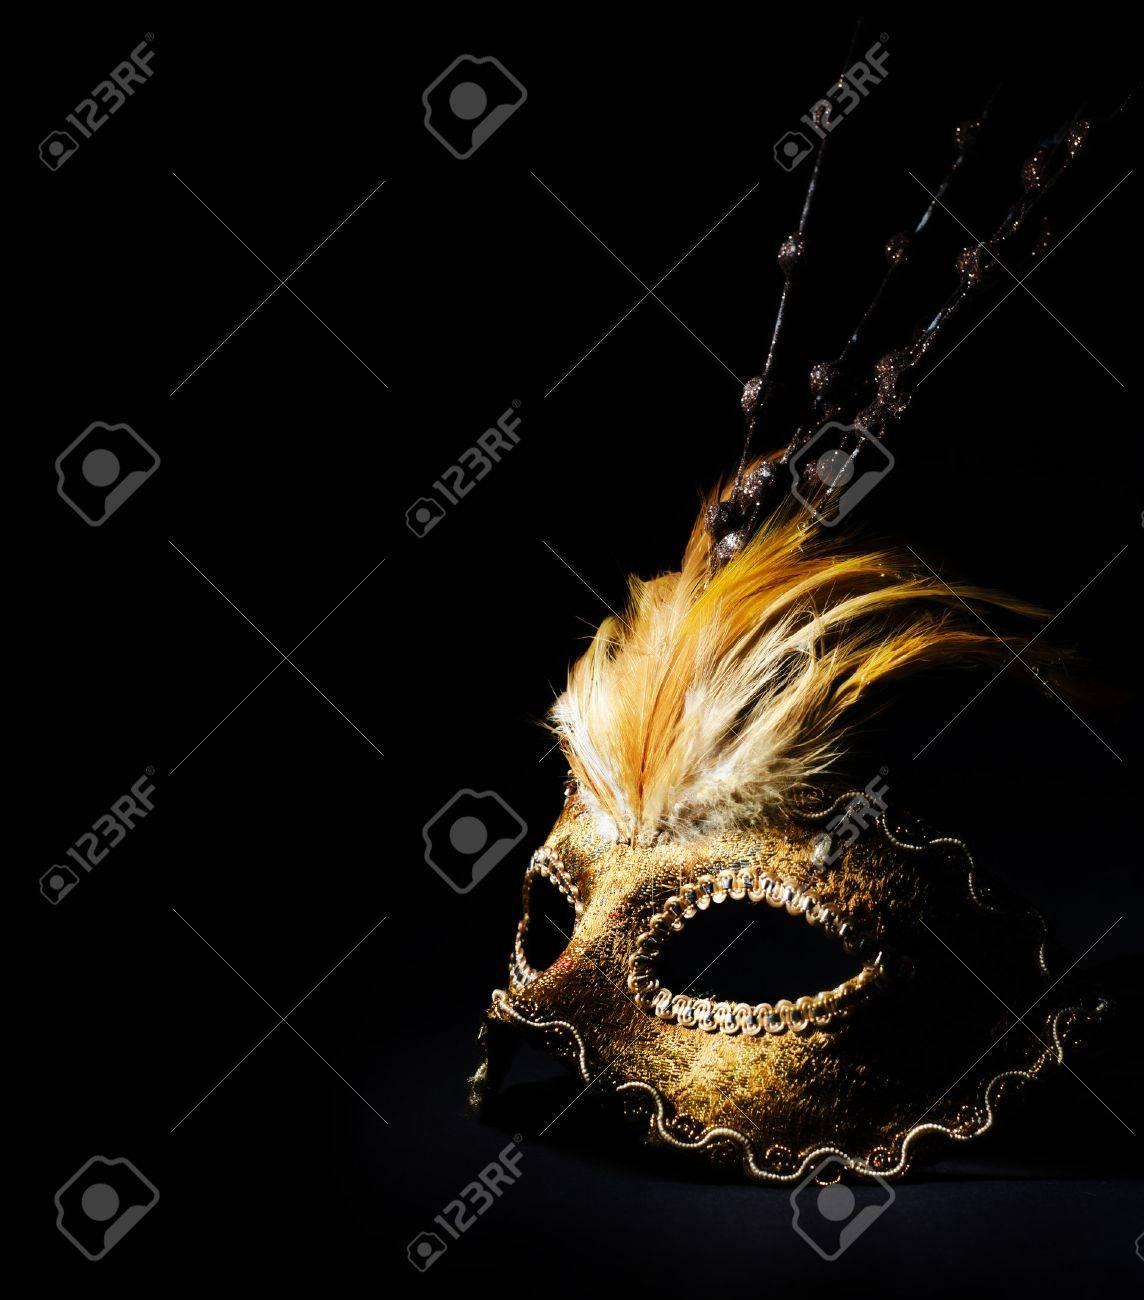 Golden venetian mask over black background - 27742067